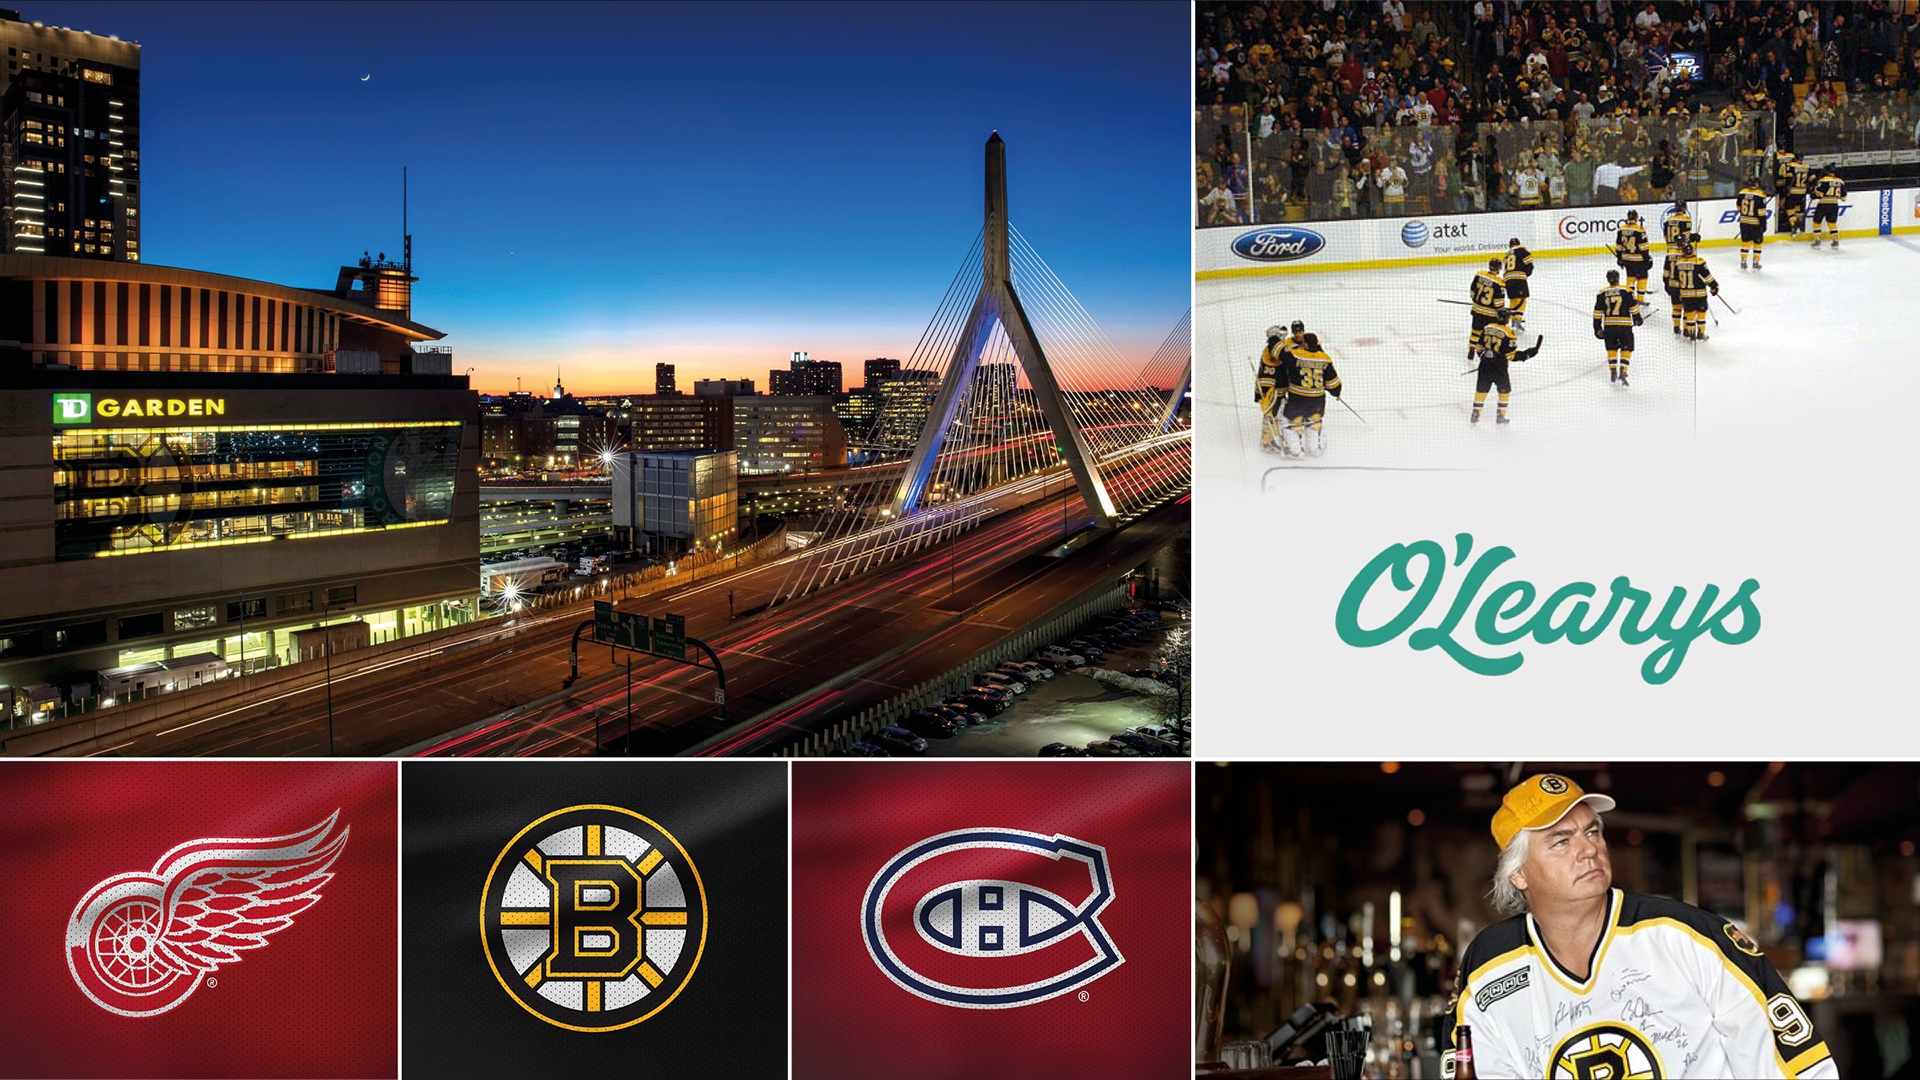 NHL-resa till Boston - med O'Learys - 11 - 17 Februari 2020 | Unik Paketresa till den fantastiska sportstaden Boston med O'Learys för att se fjolårets finallag Boston Bruins i två NHL-matcher och NBA med anrika Boston Celtics. Dessutom är O'Learys grundare Jonas Reinholdsson färdledare på den här fantastiska hockeyresan till Boston.